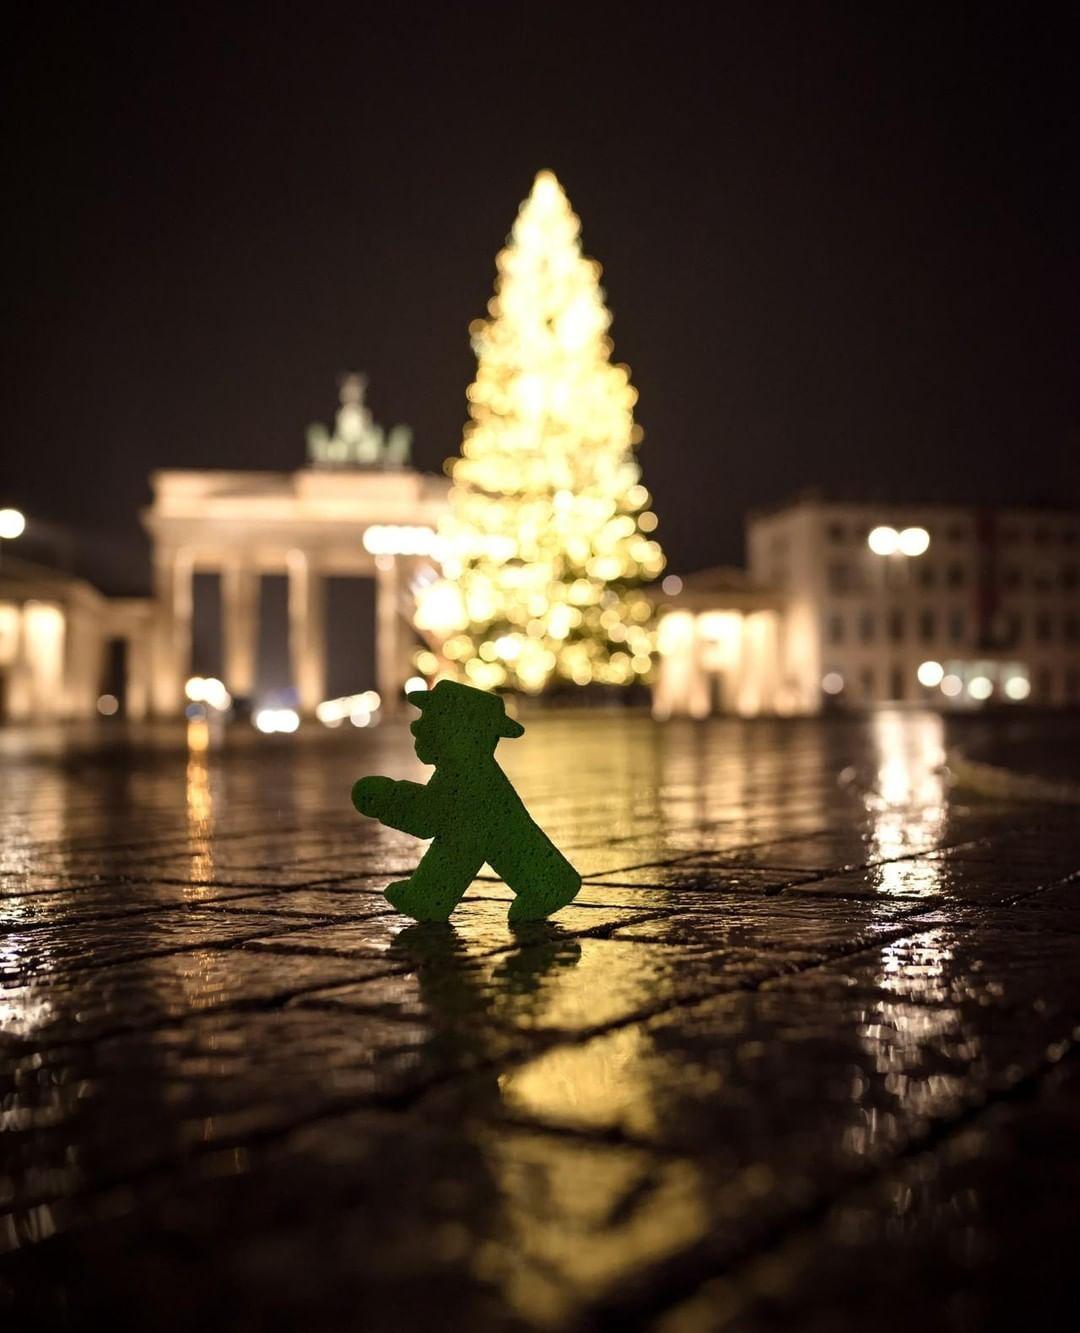 Christmas In Berlin Christmas Weihnachten Xmasinberlin Berlin Brandenburgertor Brandenburggate Christmas Pictures Instagram Pictures